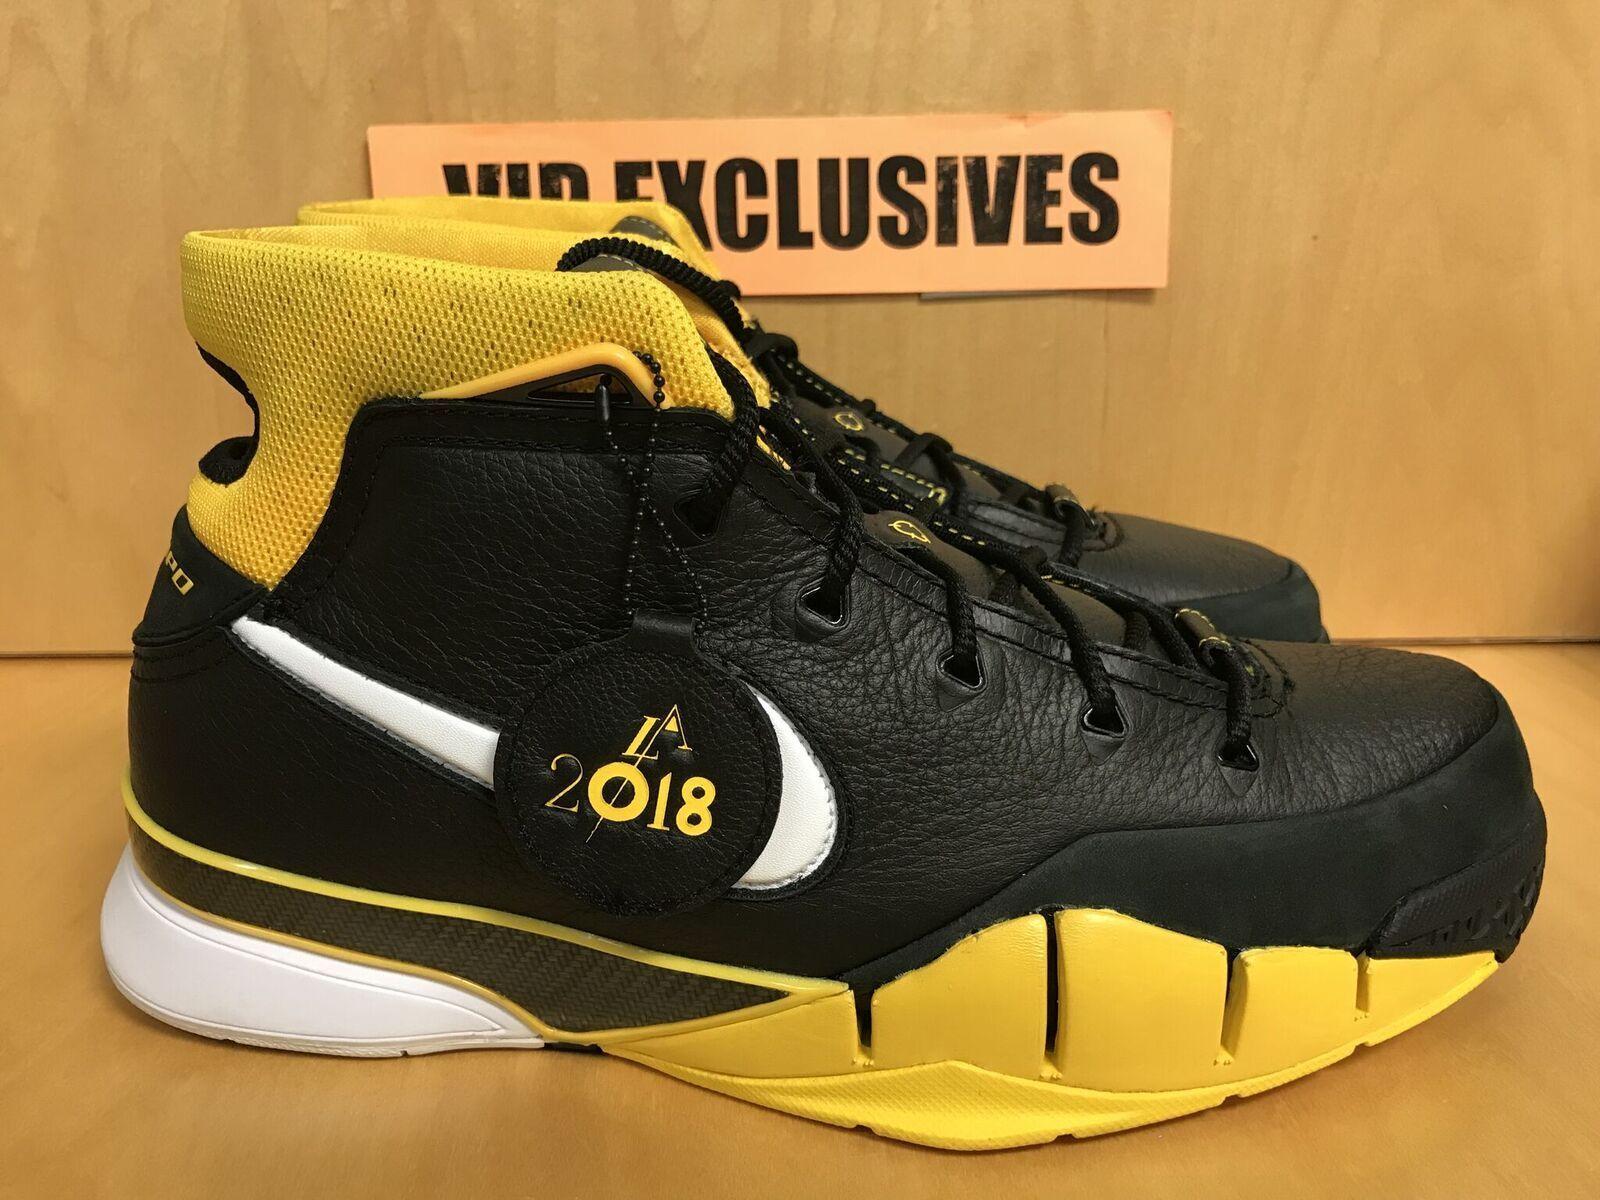 Nike Kobe 1 protro Varsity aq2728-003 maíz amarillo del sol aq2728-003 Varsity estrella exclusiva nueva zapatos para hombres y mujeres, el limitado tiempo de descuento 53183e